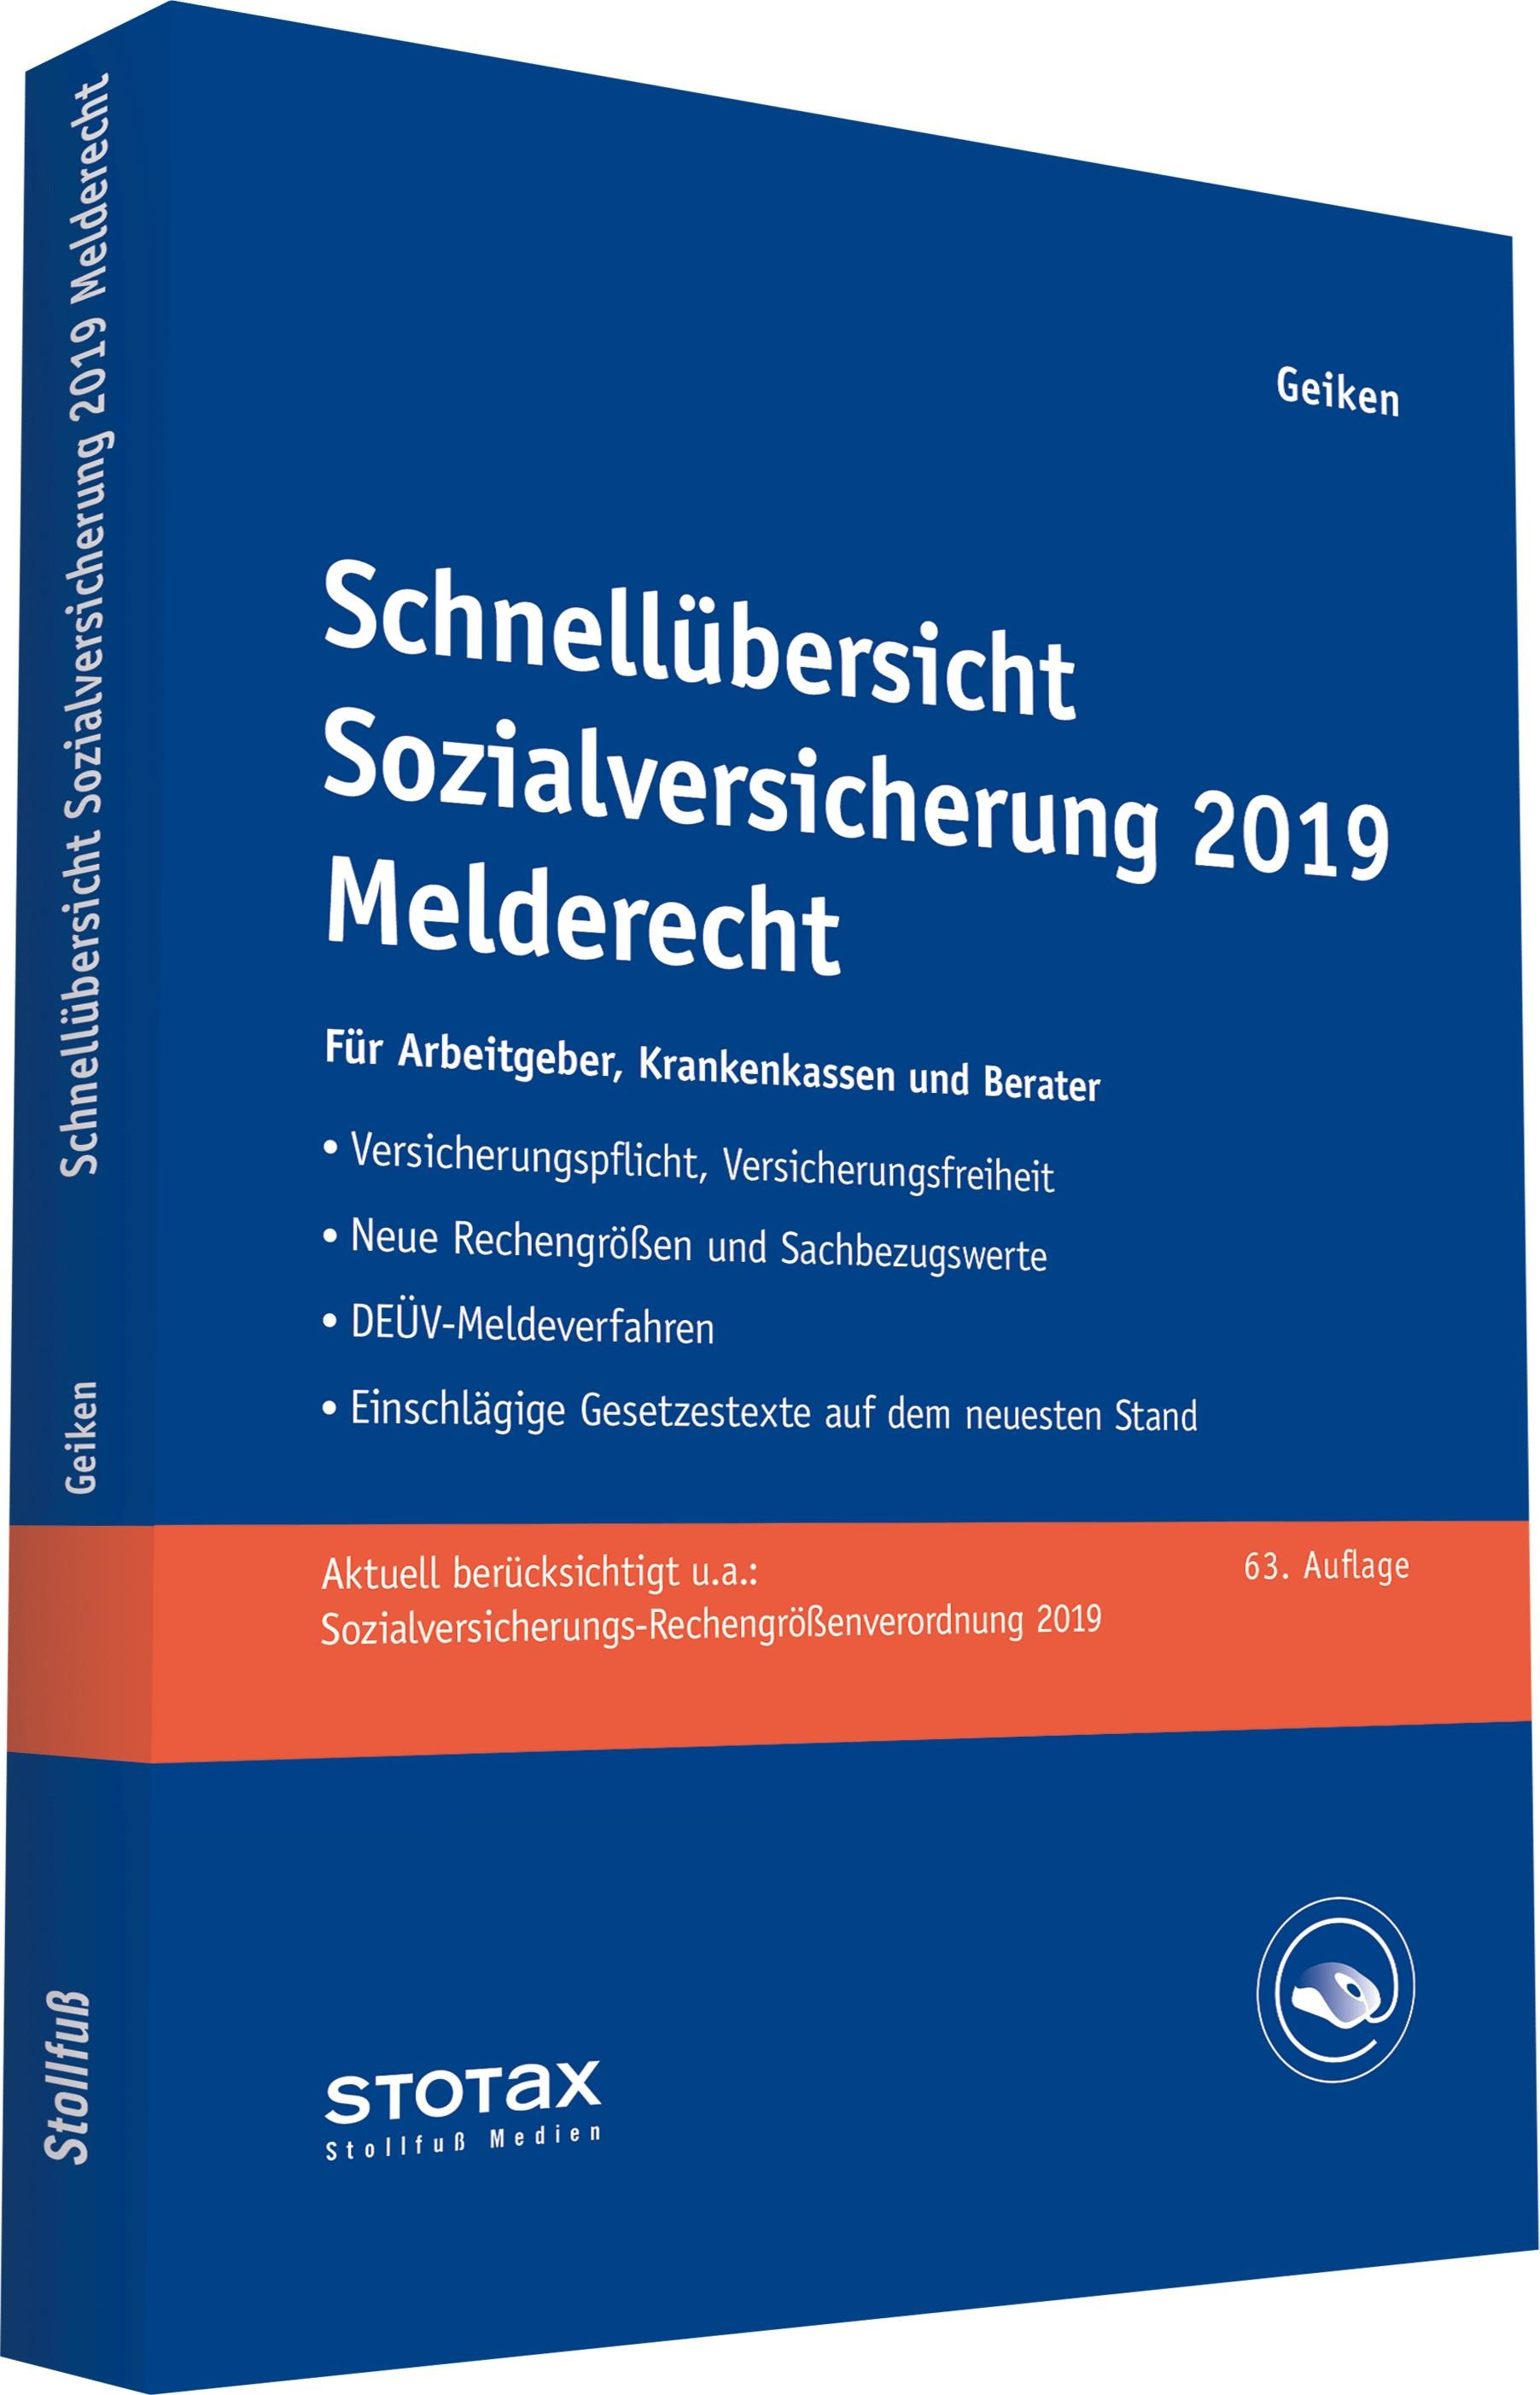 Abbildung von Geiken | Schnellübersicht Sozialversicherung 2019 Melderecht | 63. Auflage  | 2019